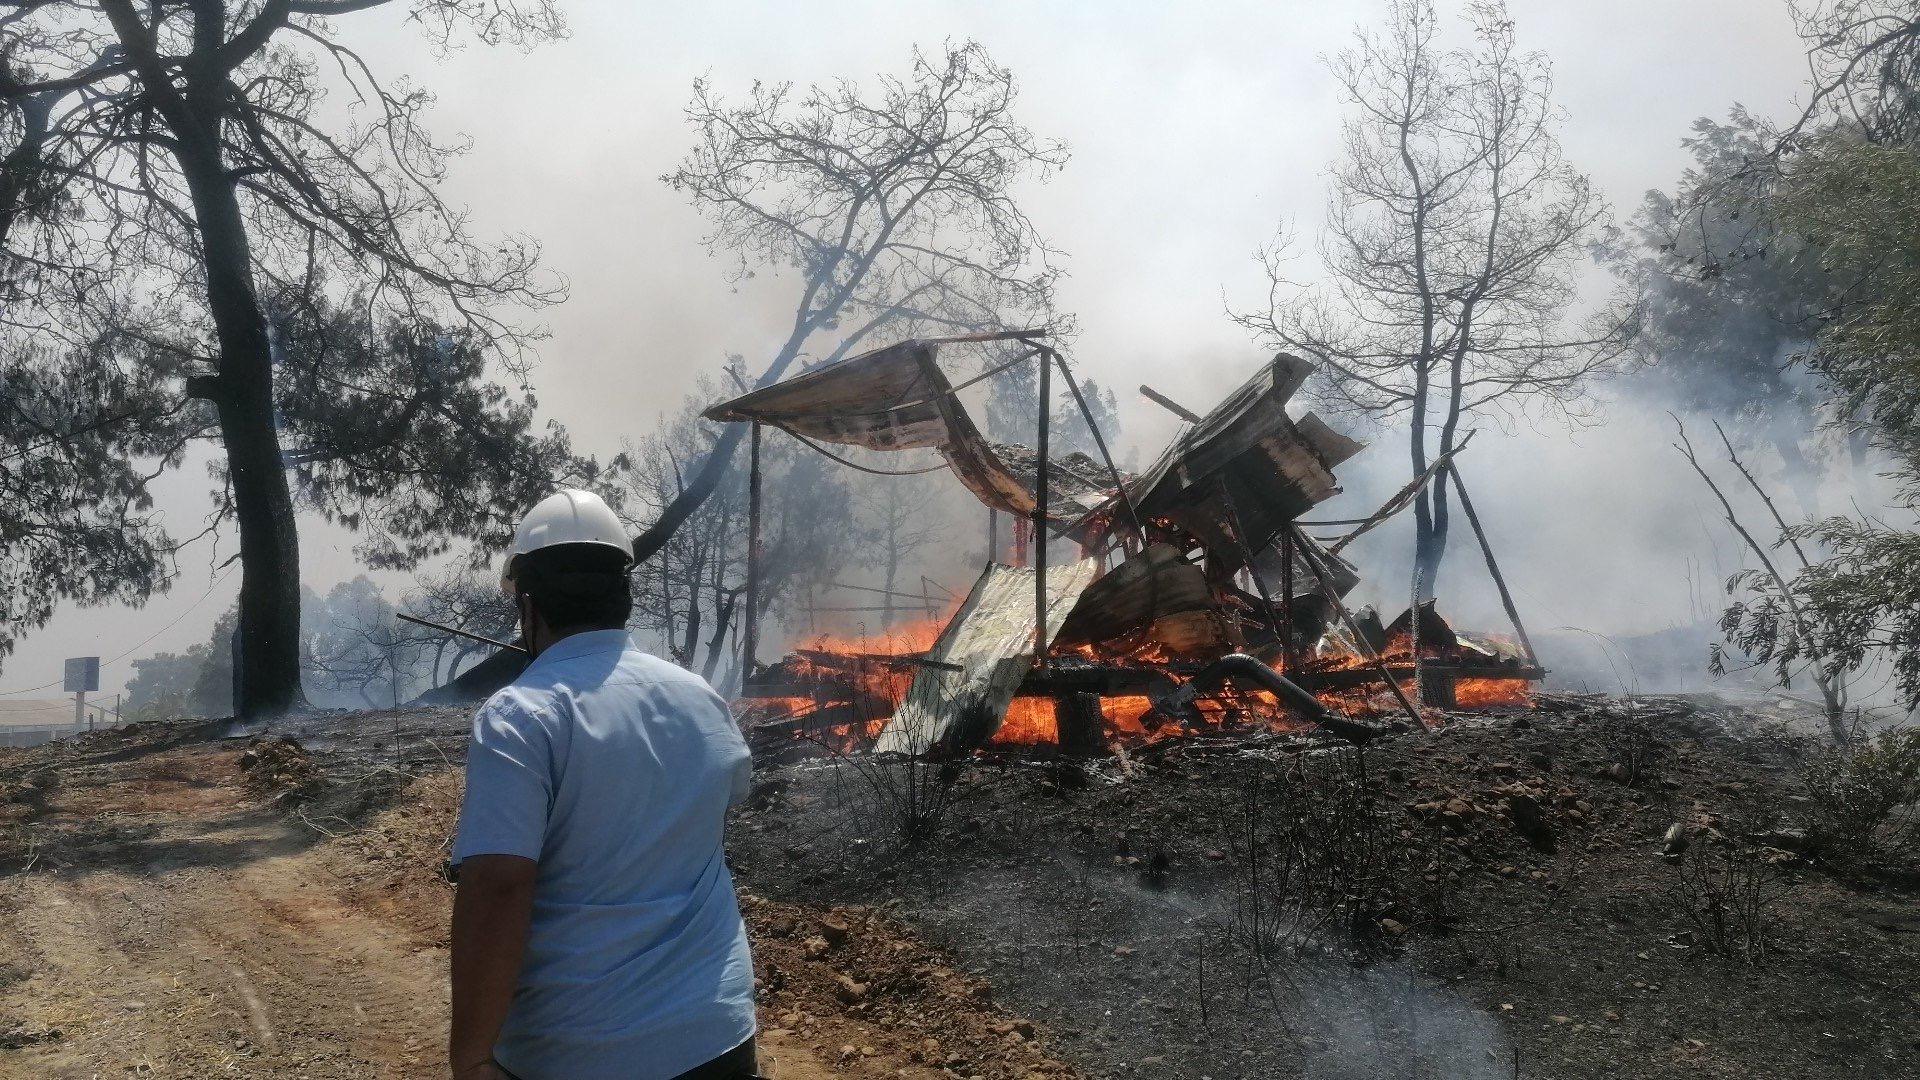 土耳其安塔利亚森林大火仍在持续 62人接受治疗